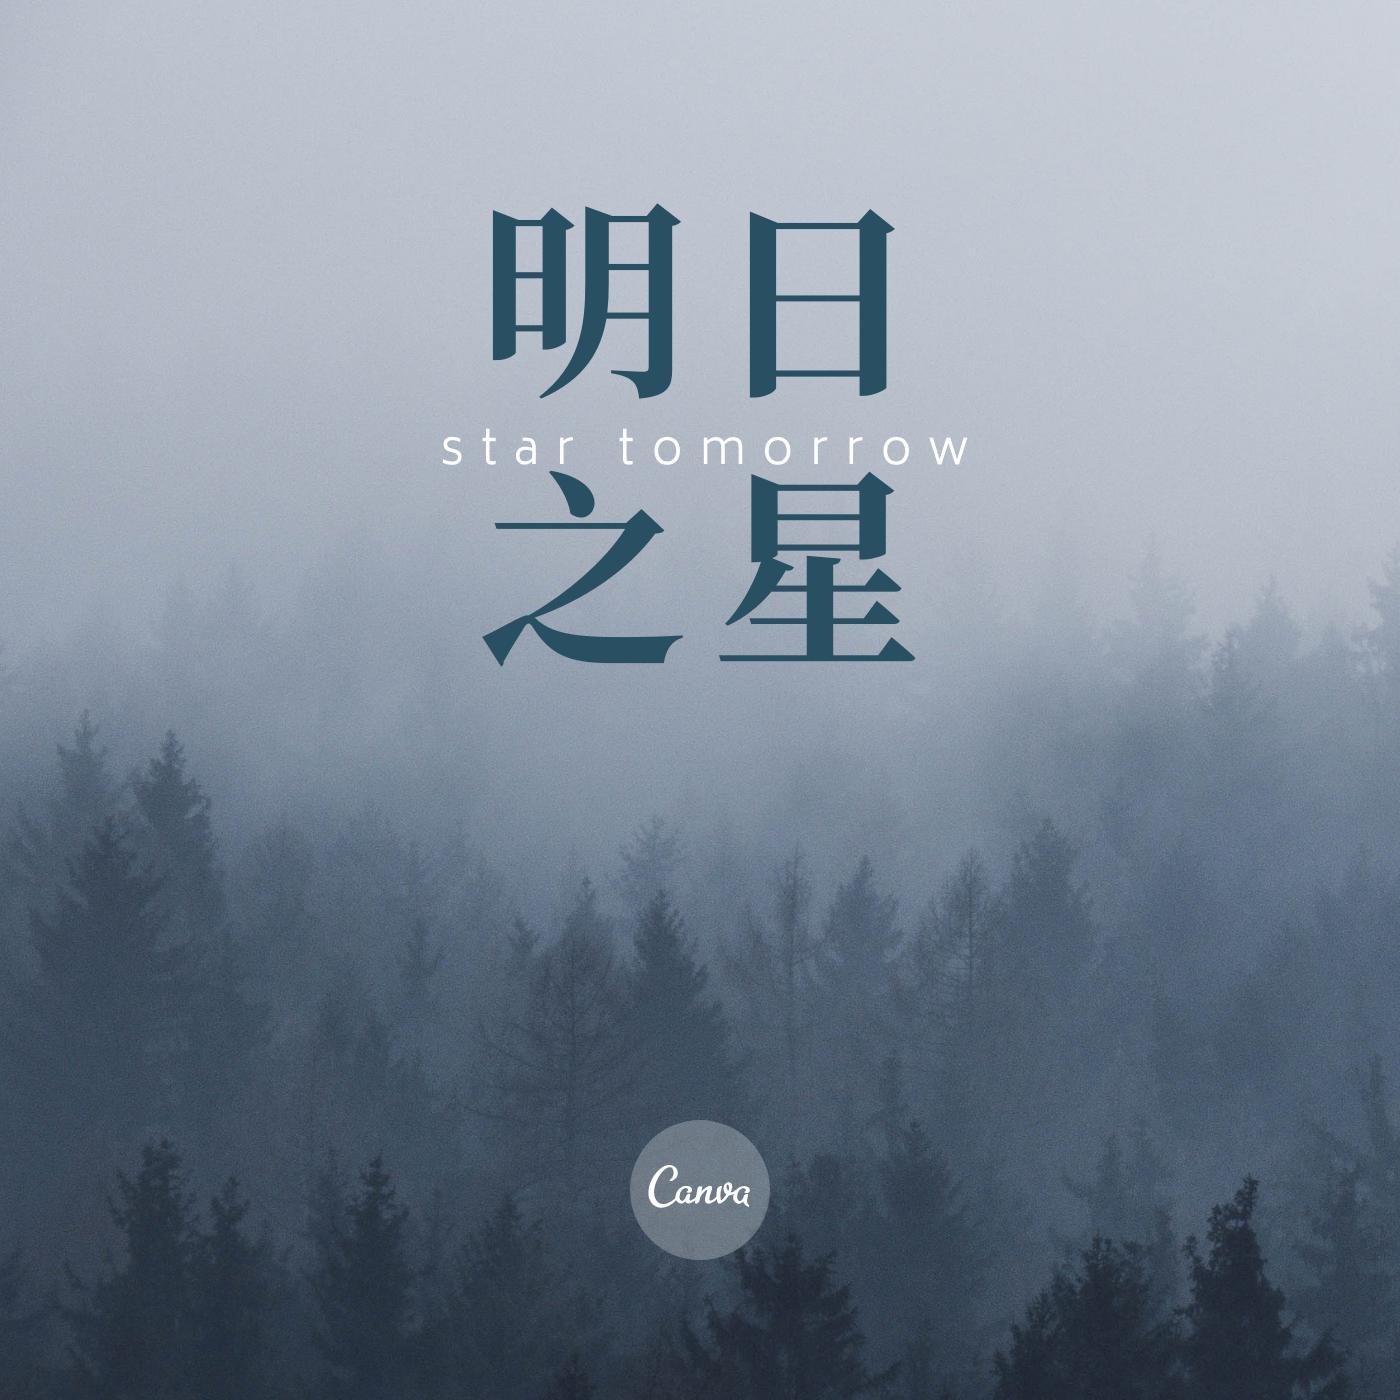 明日之星-刘彧通